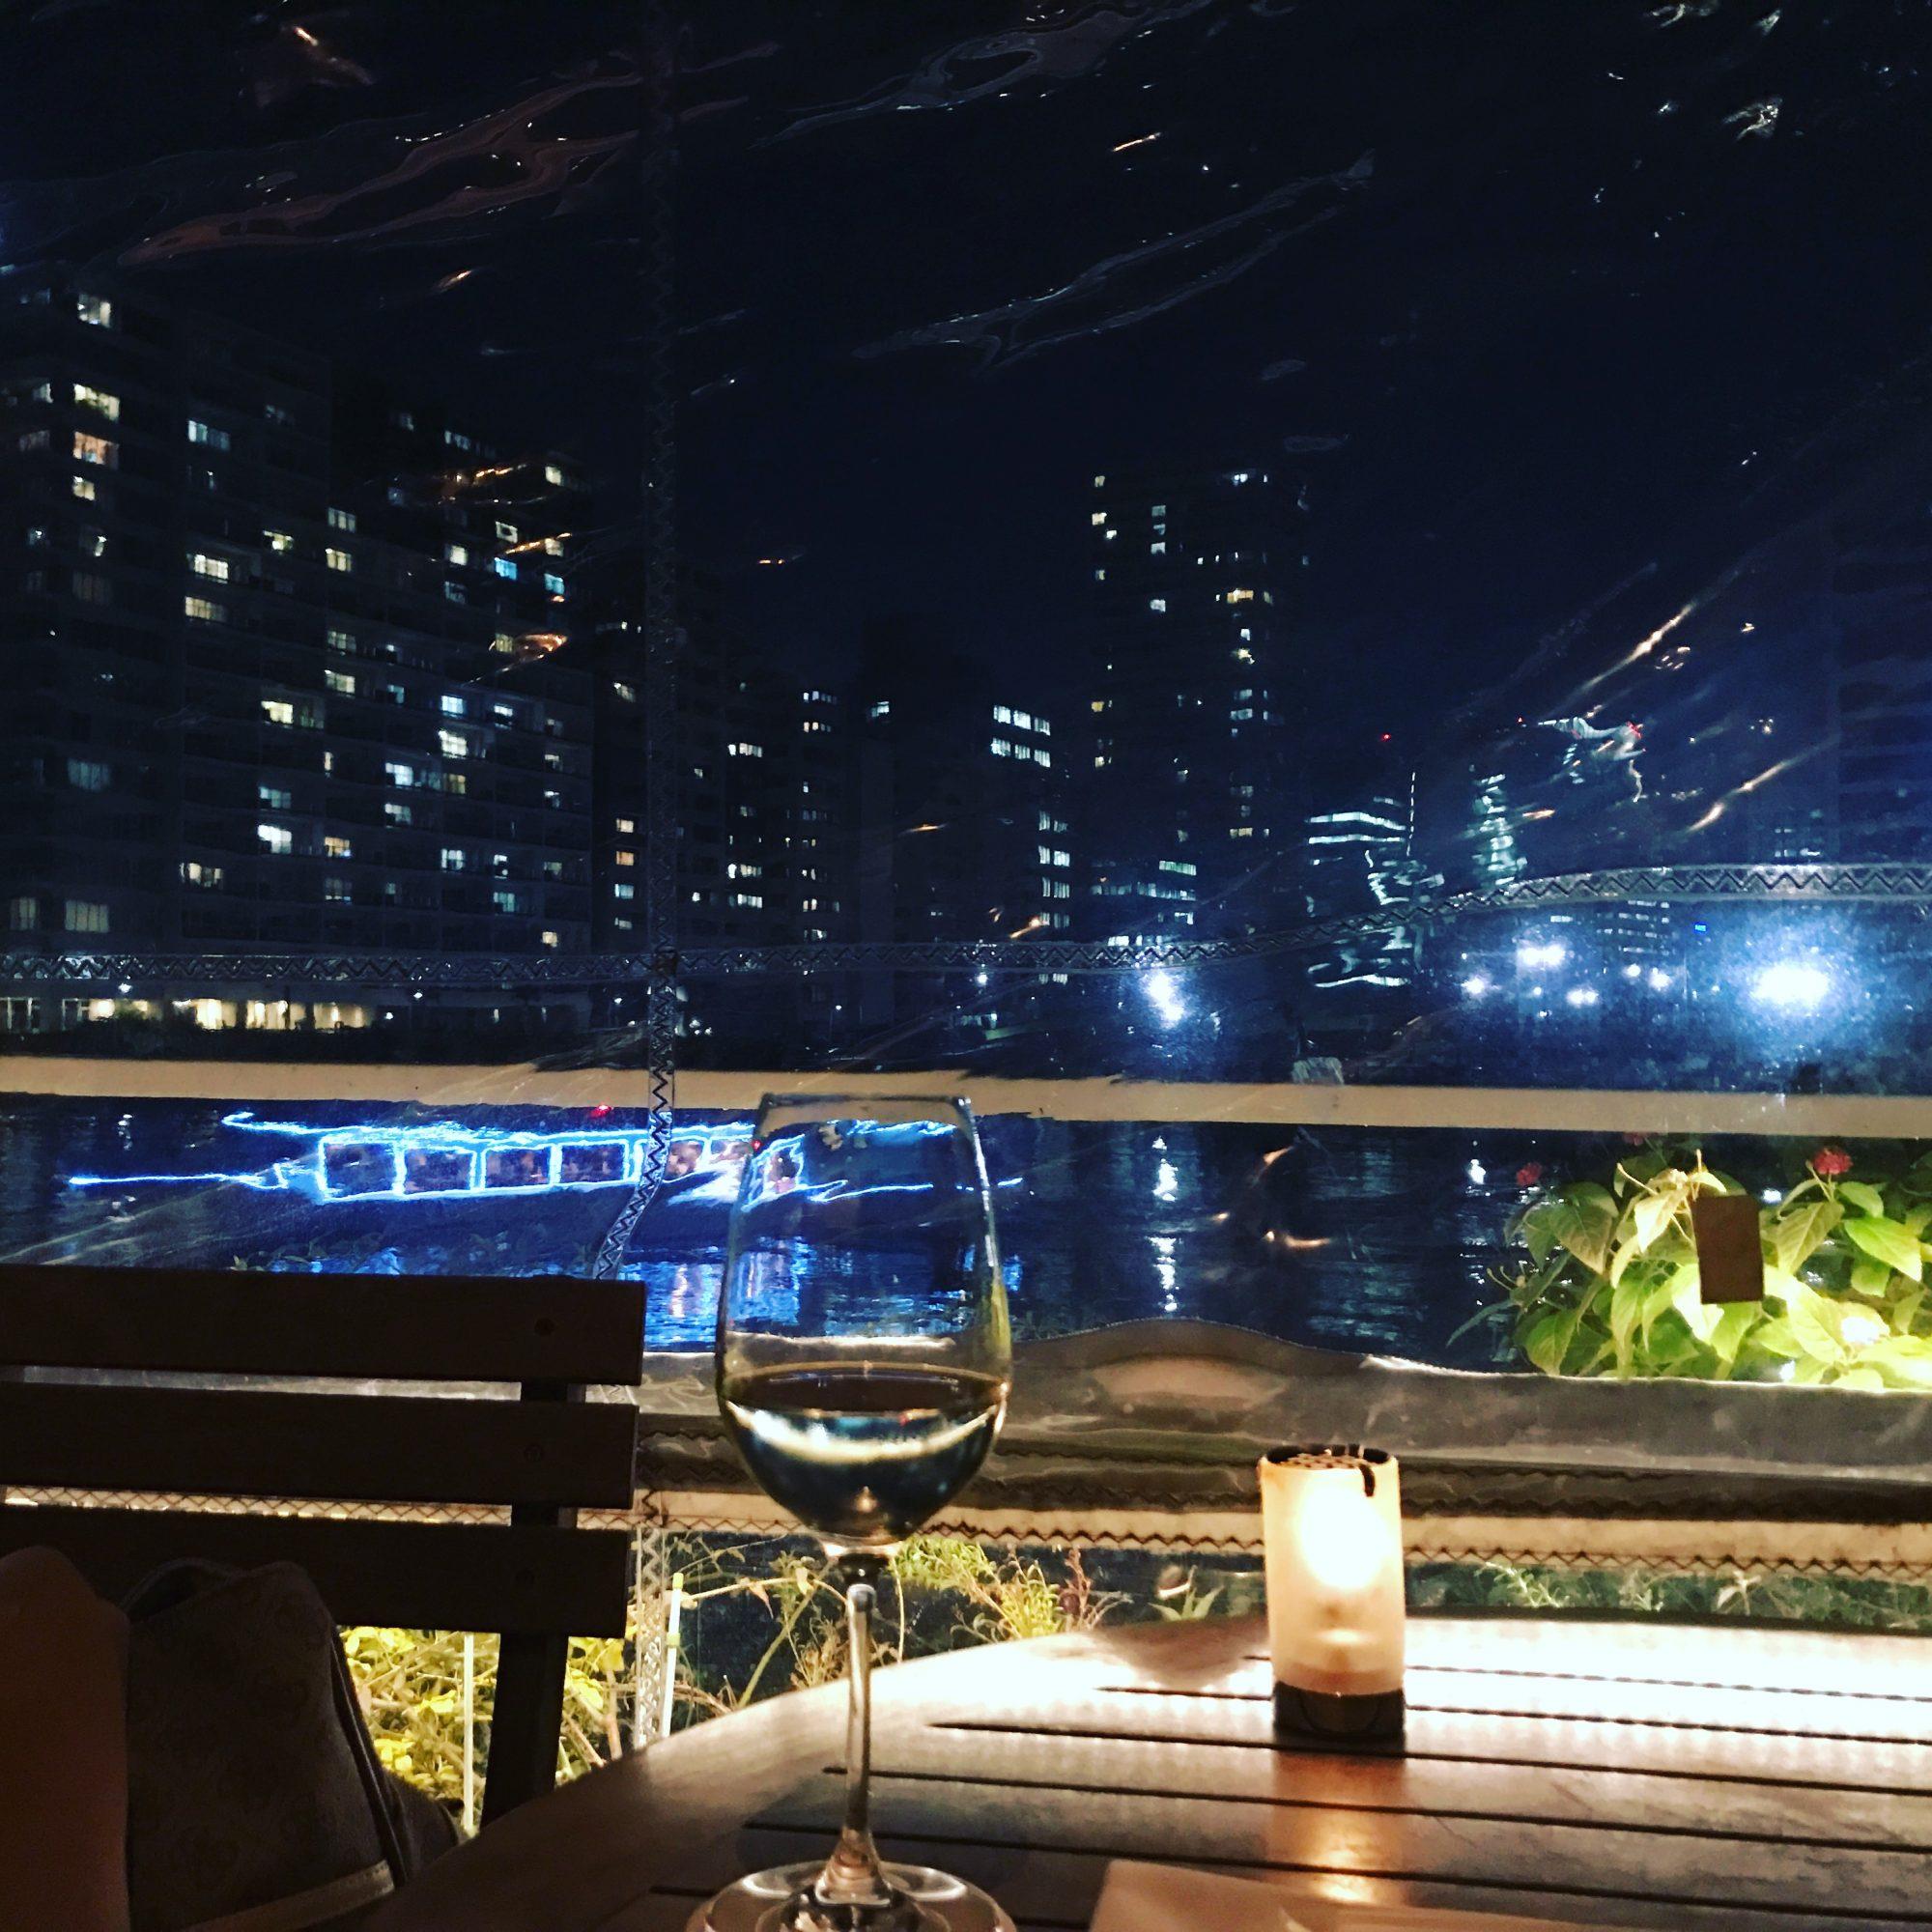 天王洲アイル【T.Y.Harbor Brewery Restaurant】美しい夜景とお洒落な店内はデートに最適♡【東京】